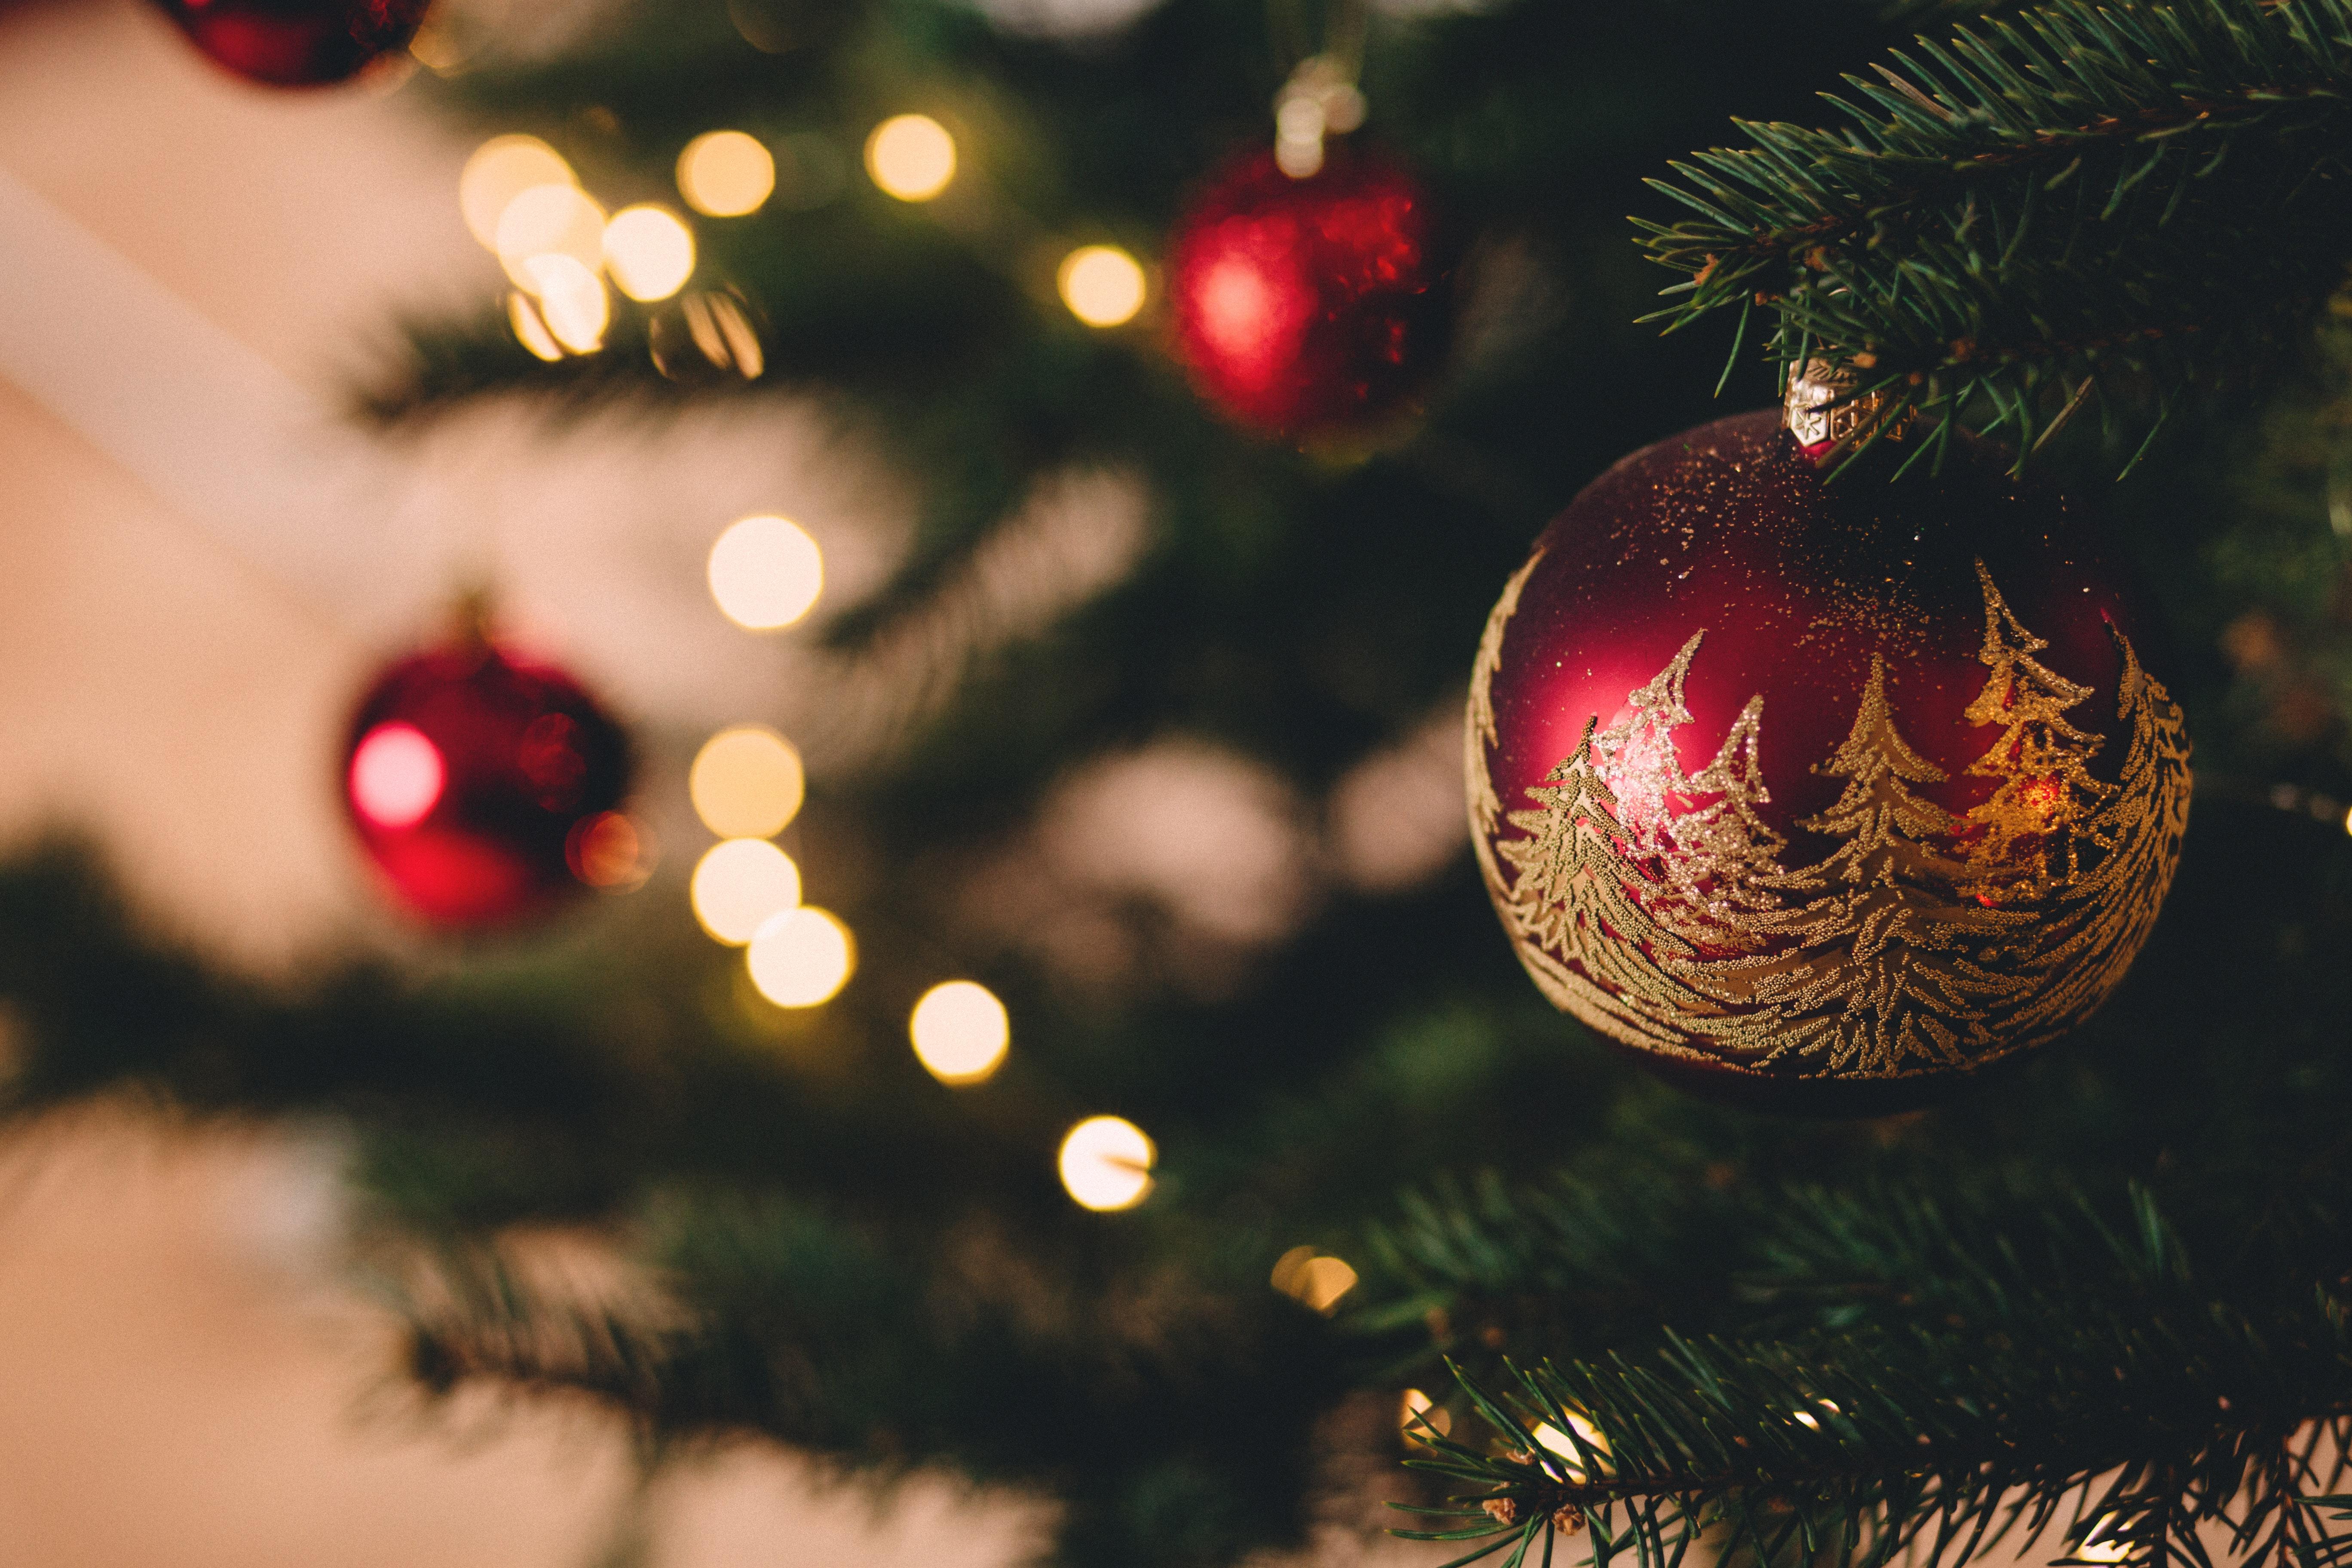 Välkommen att boka årets julbord!